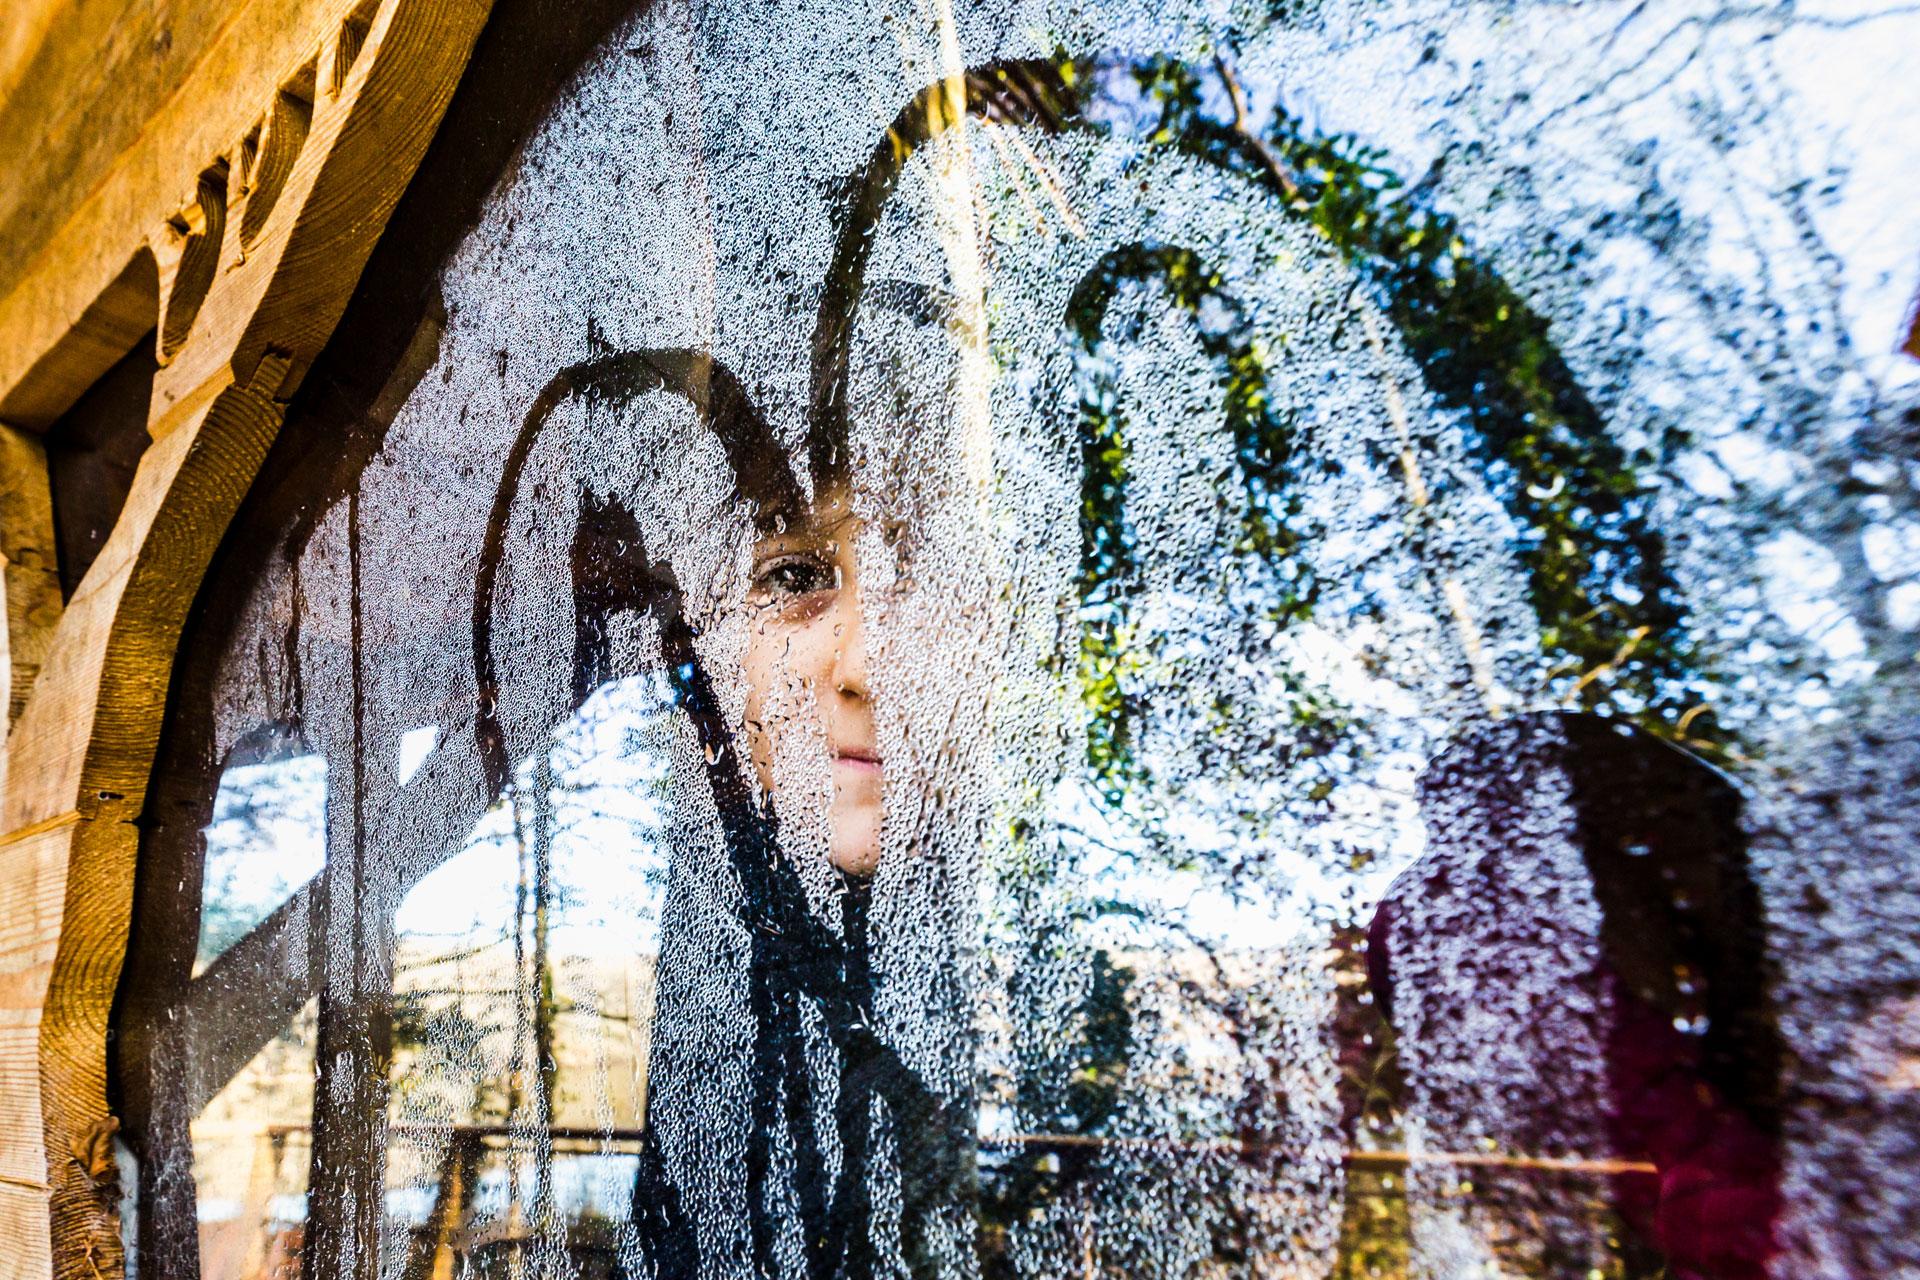 Femme derrière la vitre, Perret